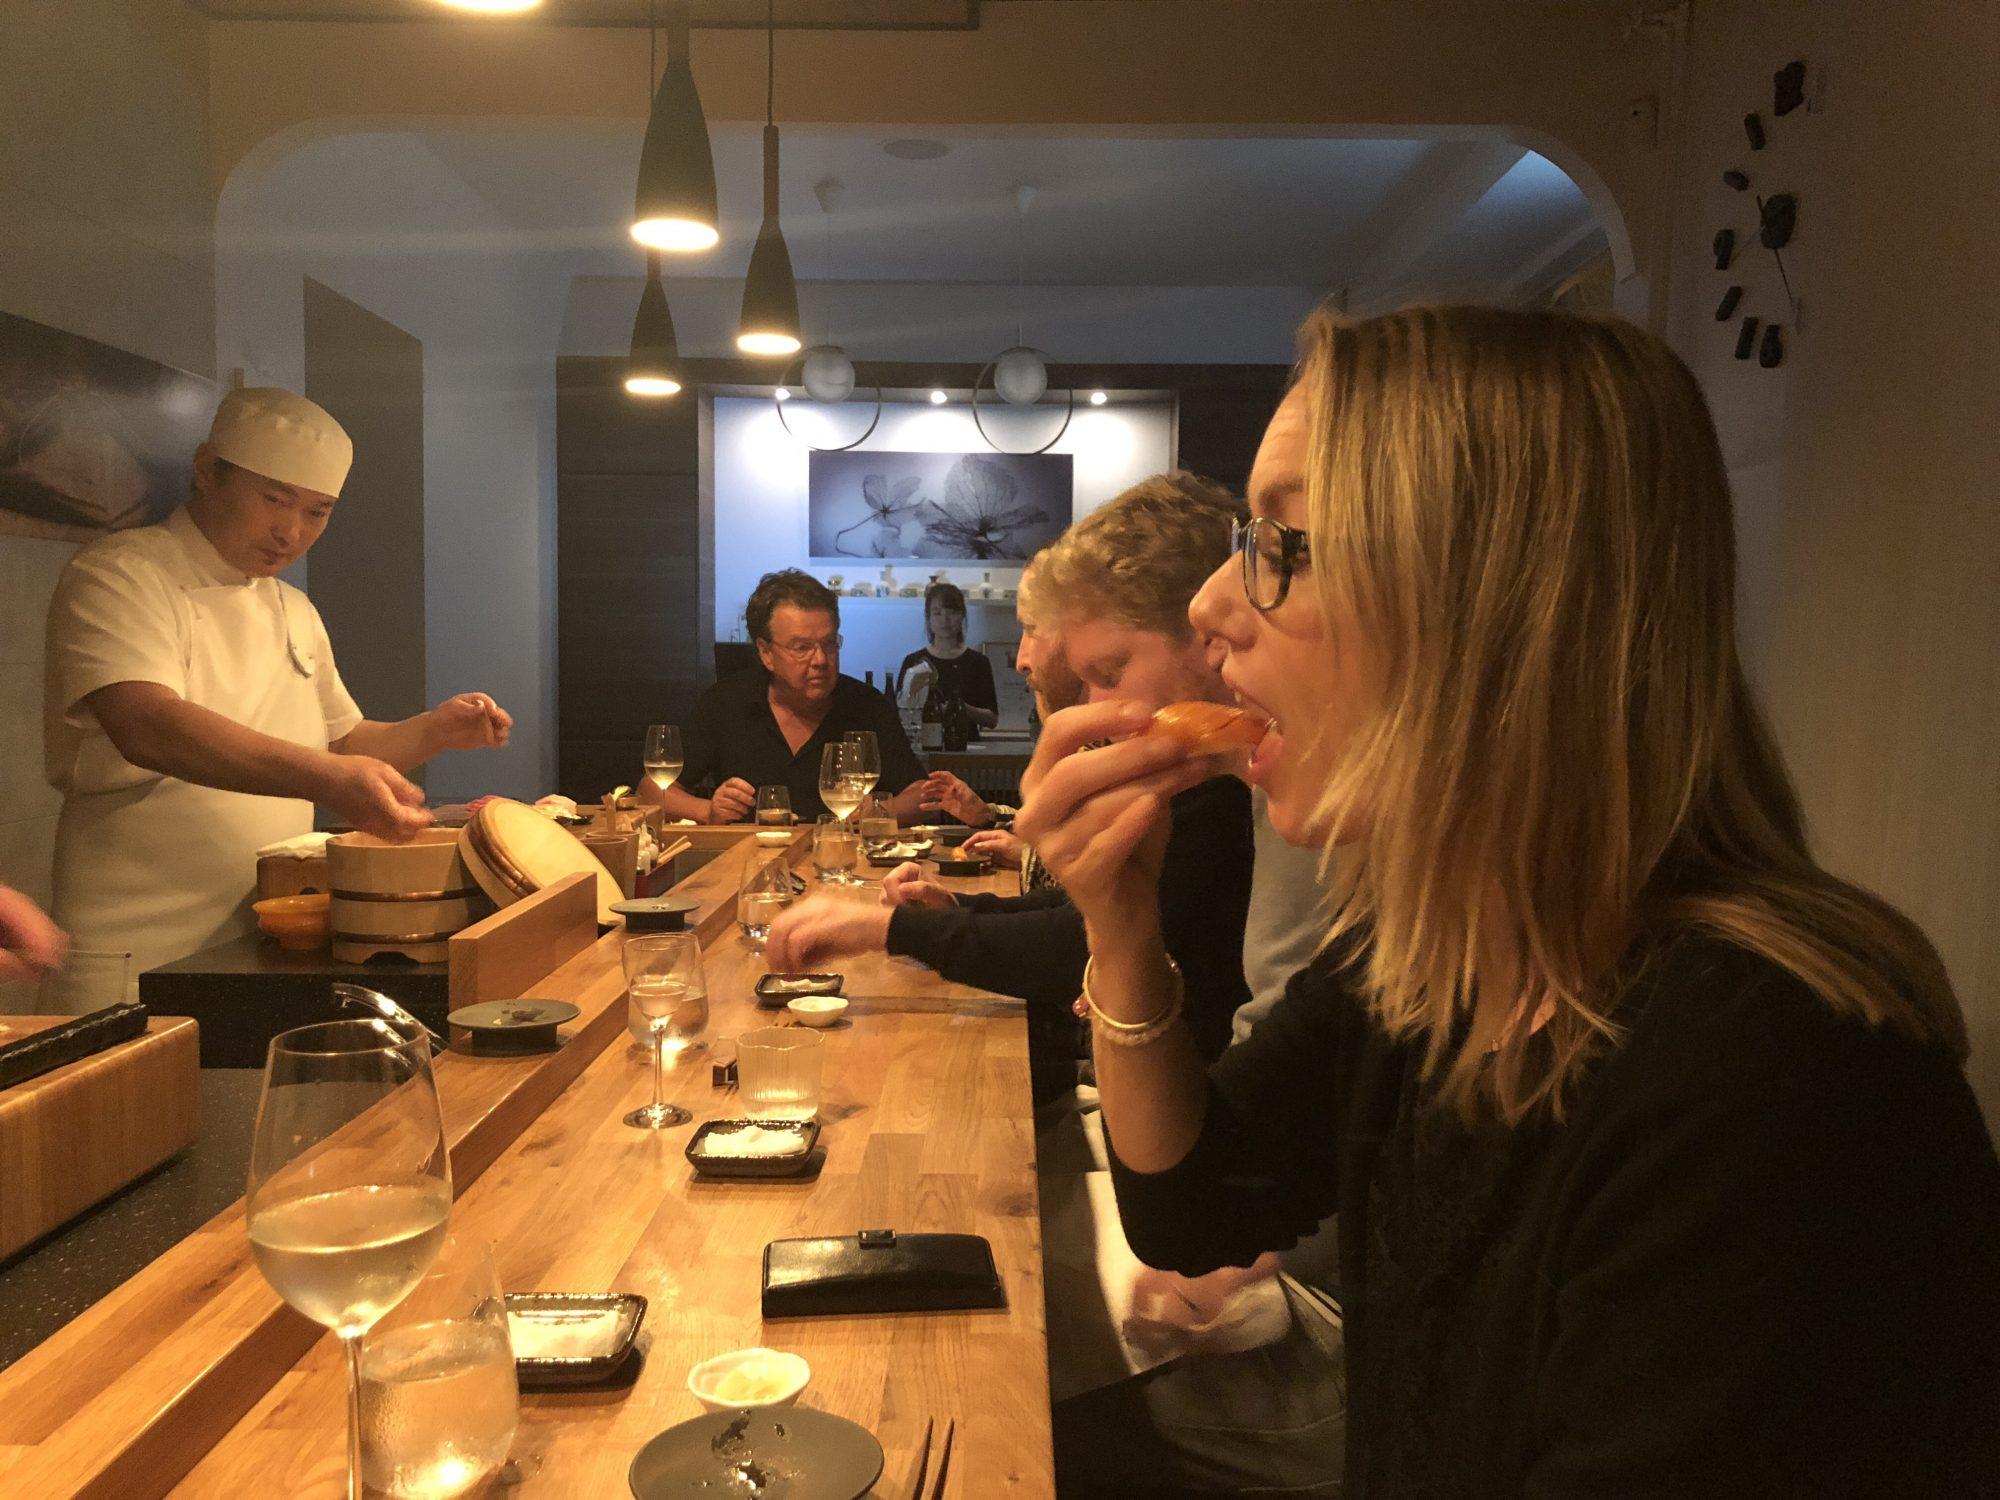 Äta sushi med händerna?